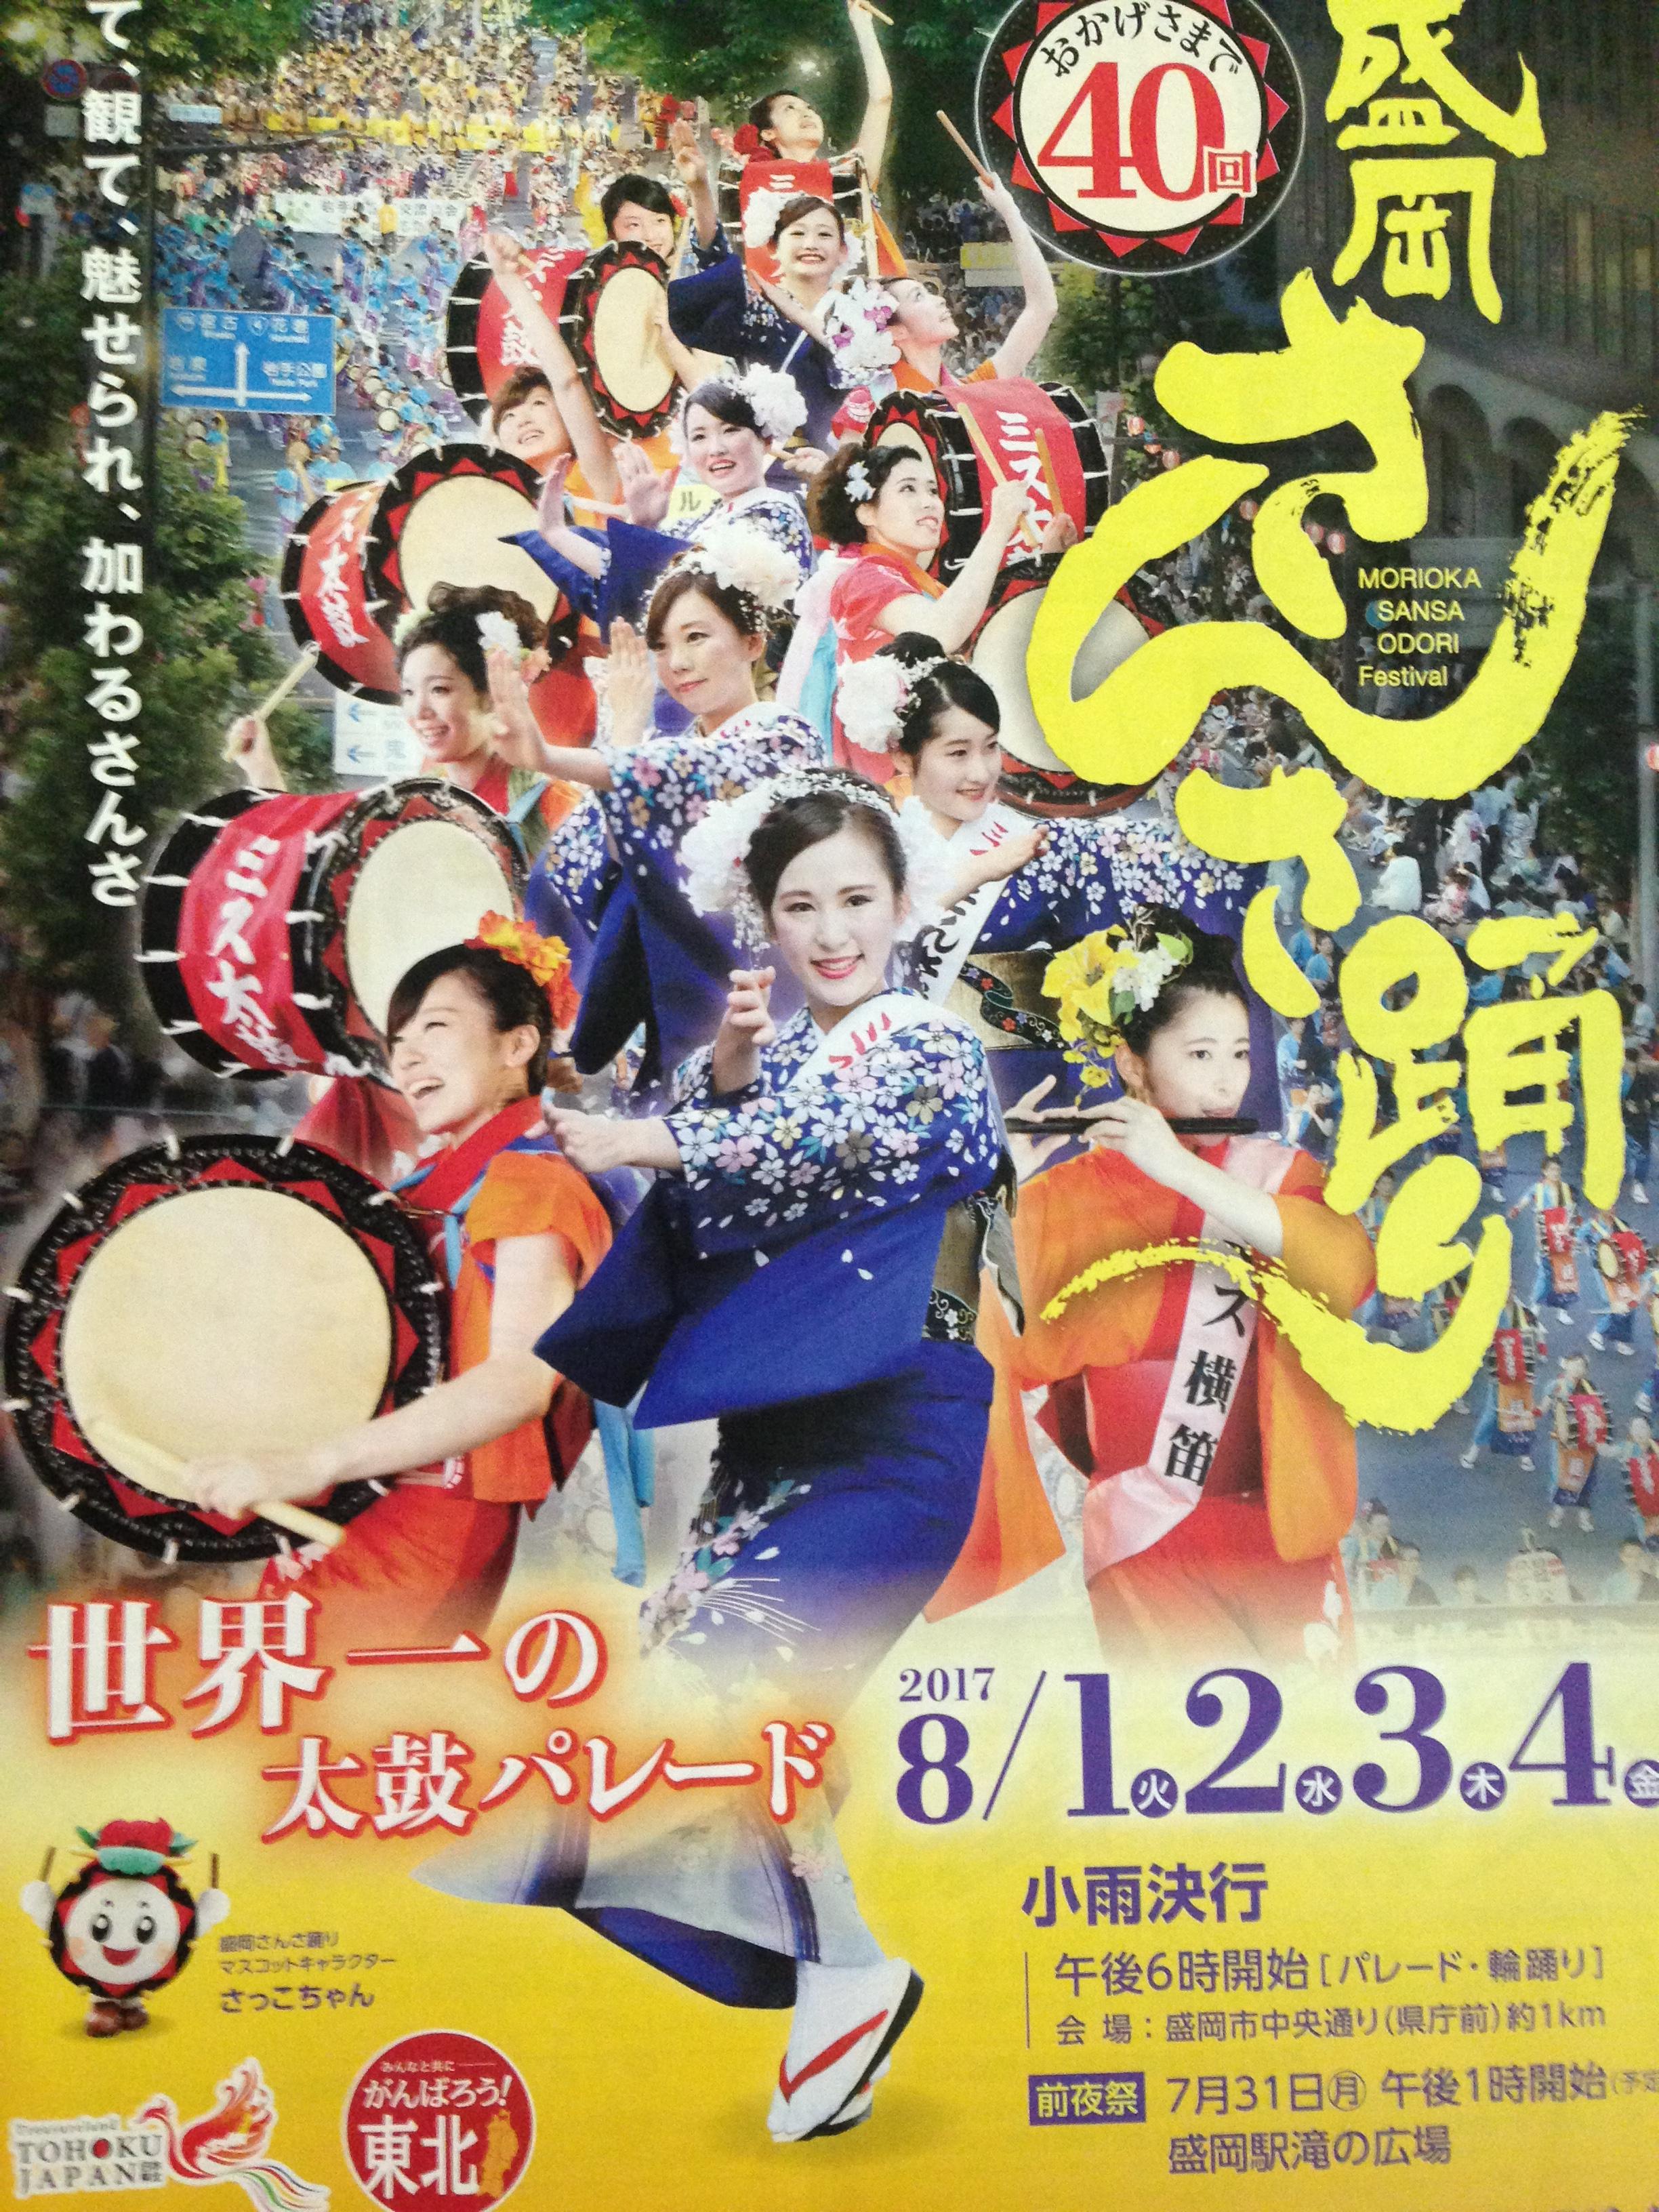 今年のさんさ踊りのパンフレット。市内全戸に市報と一緒に配布されます。